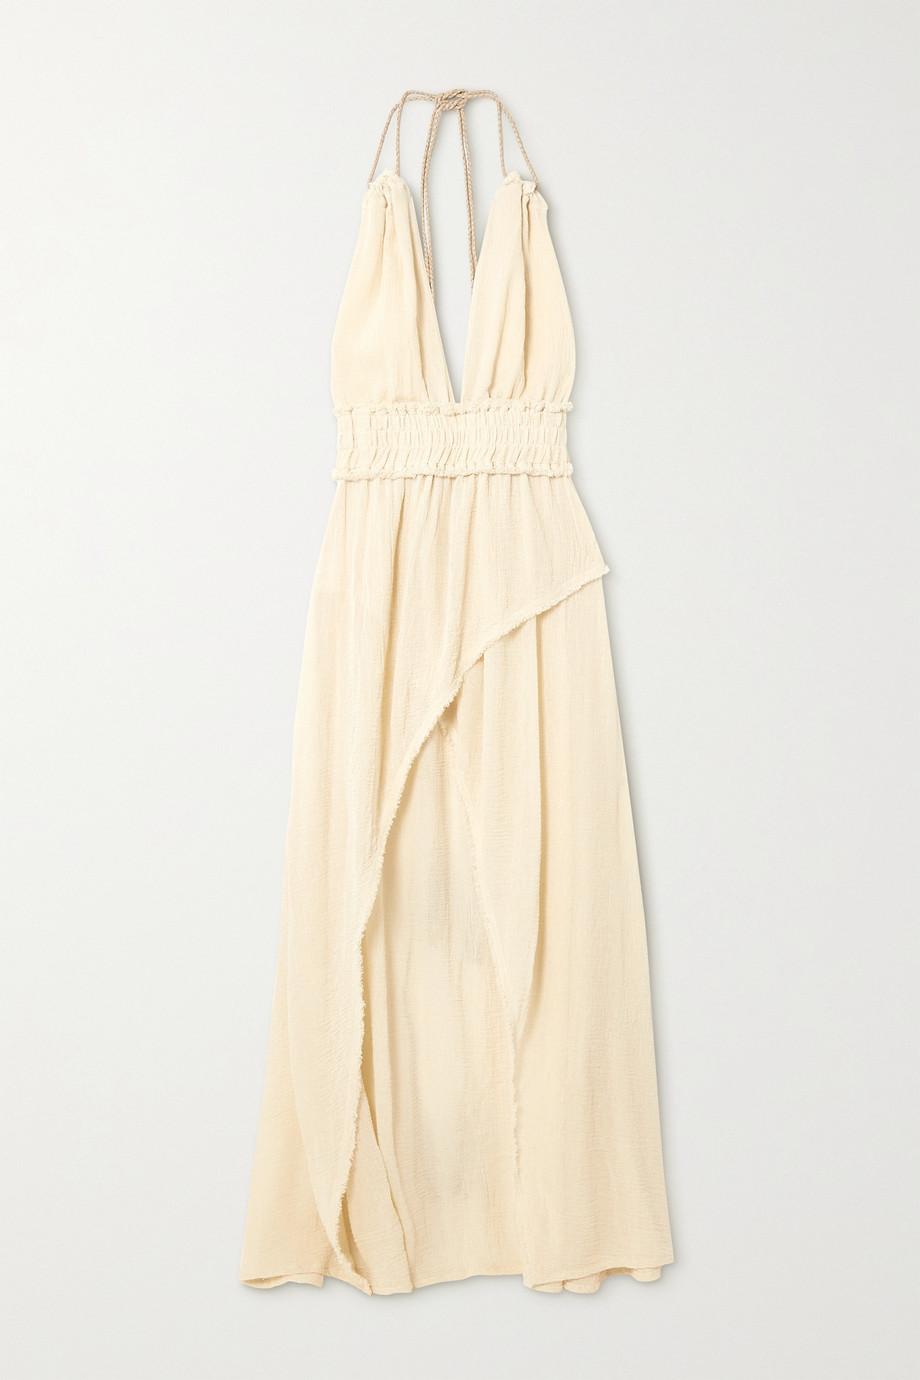 Caravana + NET SUSTAIN Alak rückenfreies Kleid aus Baumwollgaze mit Lederbesätzen